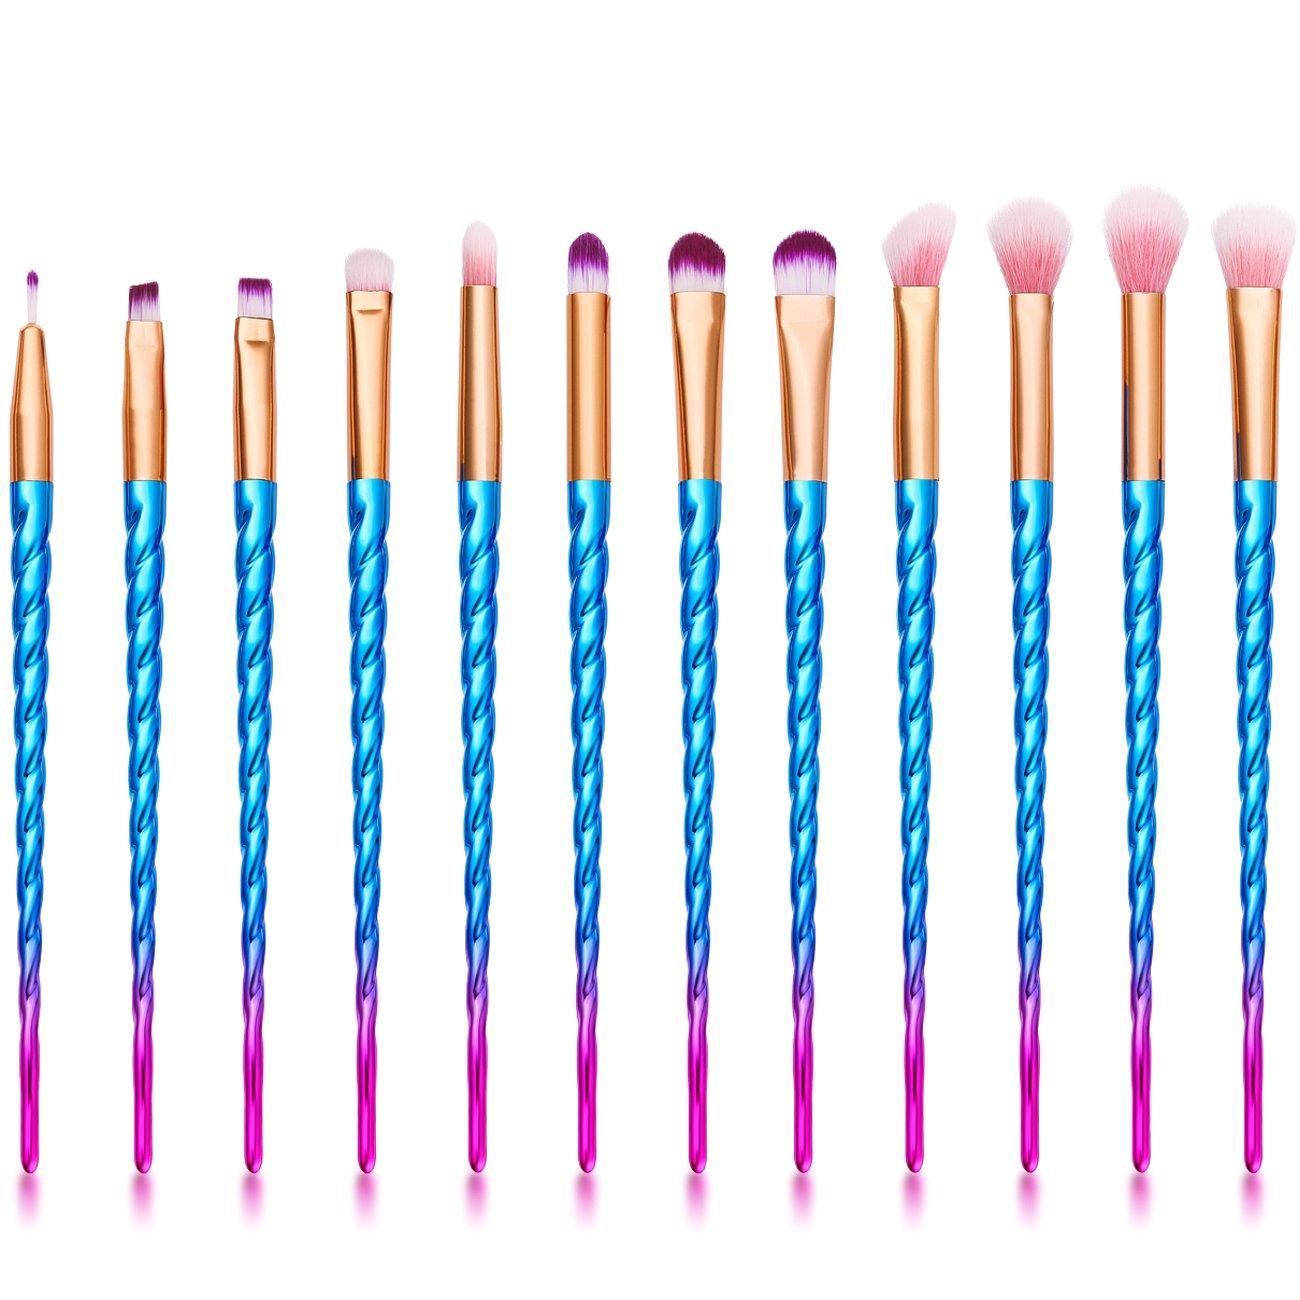 Amazon.com: 16PCS Makeup Brush Set, MYSWEETY 2017 12PCS Foundation Colorful Unicorn Blending Cosmetic Eyeshadow Brush + 2pcs Silicone Makeup Sponge + 1pc Makeup Wash Egg + 1pc Makeup Brush Bag: Beauty - 웹